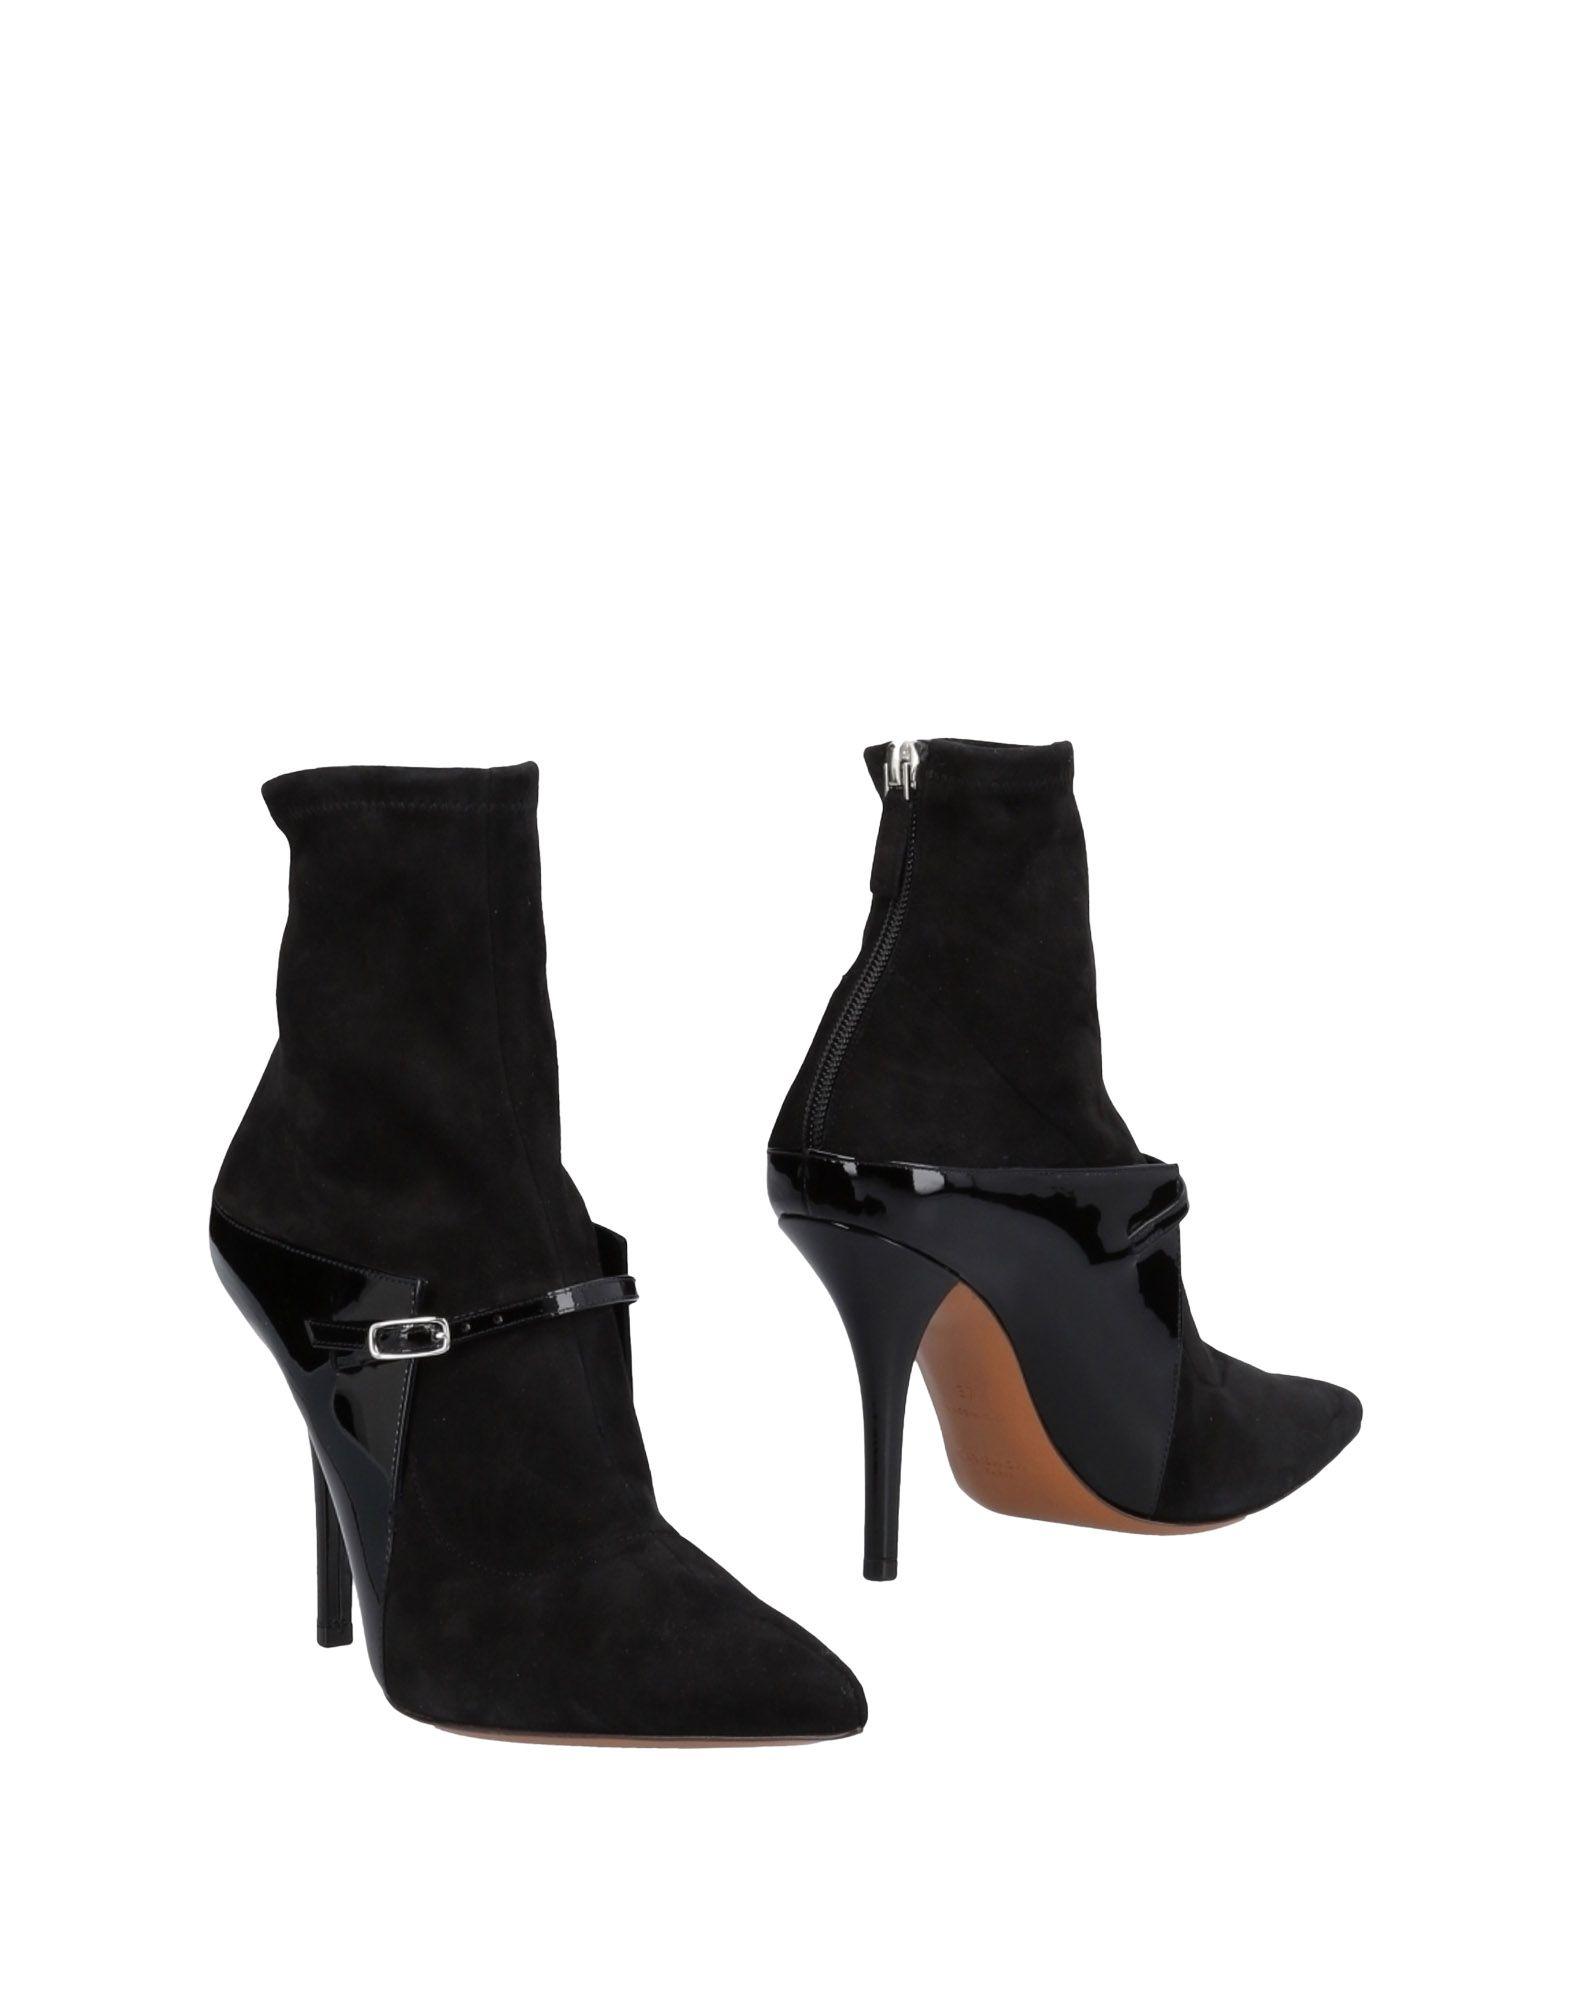 Givenchy Stiefelette Damen  11485156GIGünstige gut aussehende Schuhe